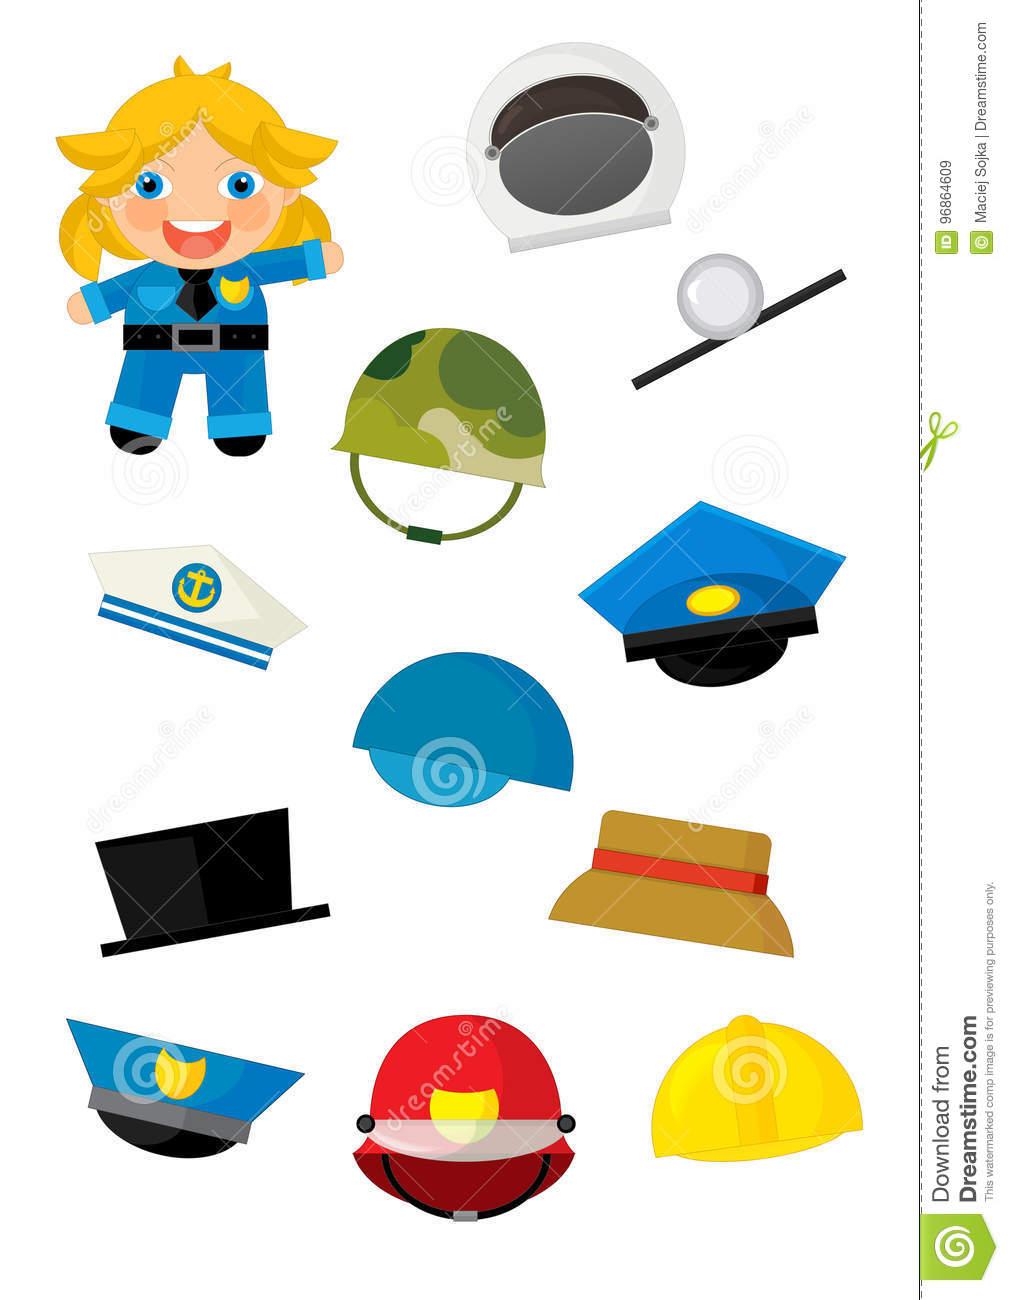 Jeu D'assortiment De Bande Dessinée Avec Trouver Les dedans Jeu Des Chapeaux